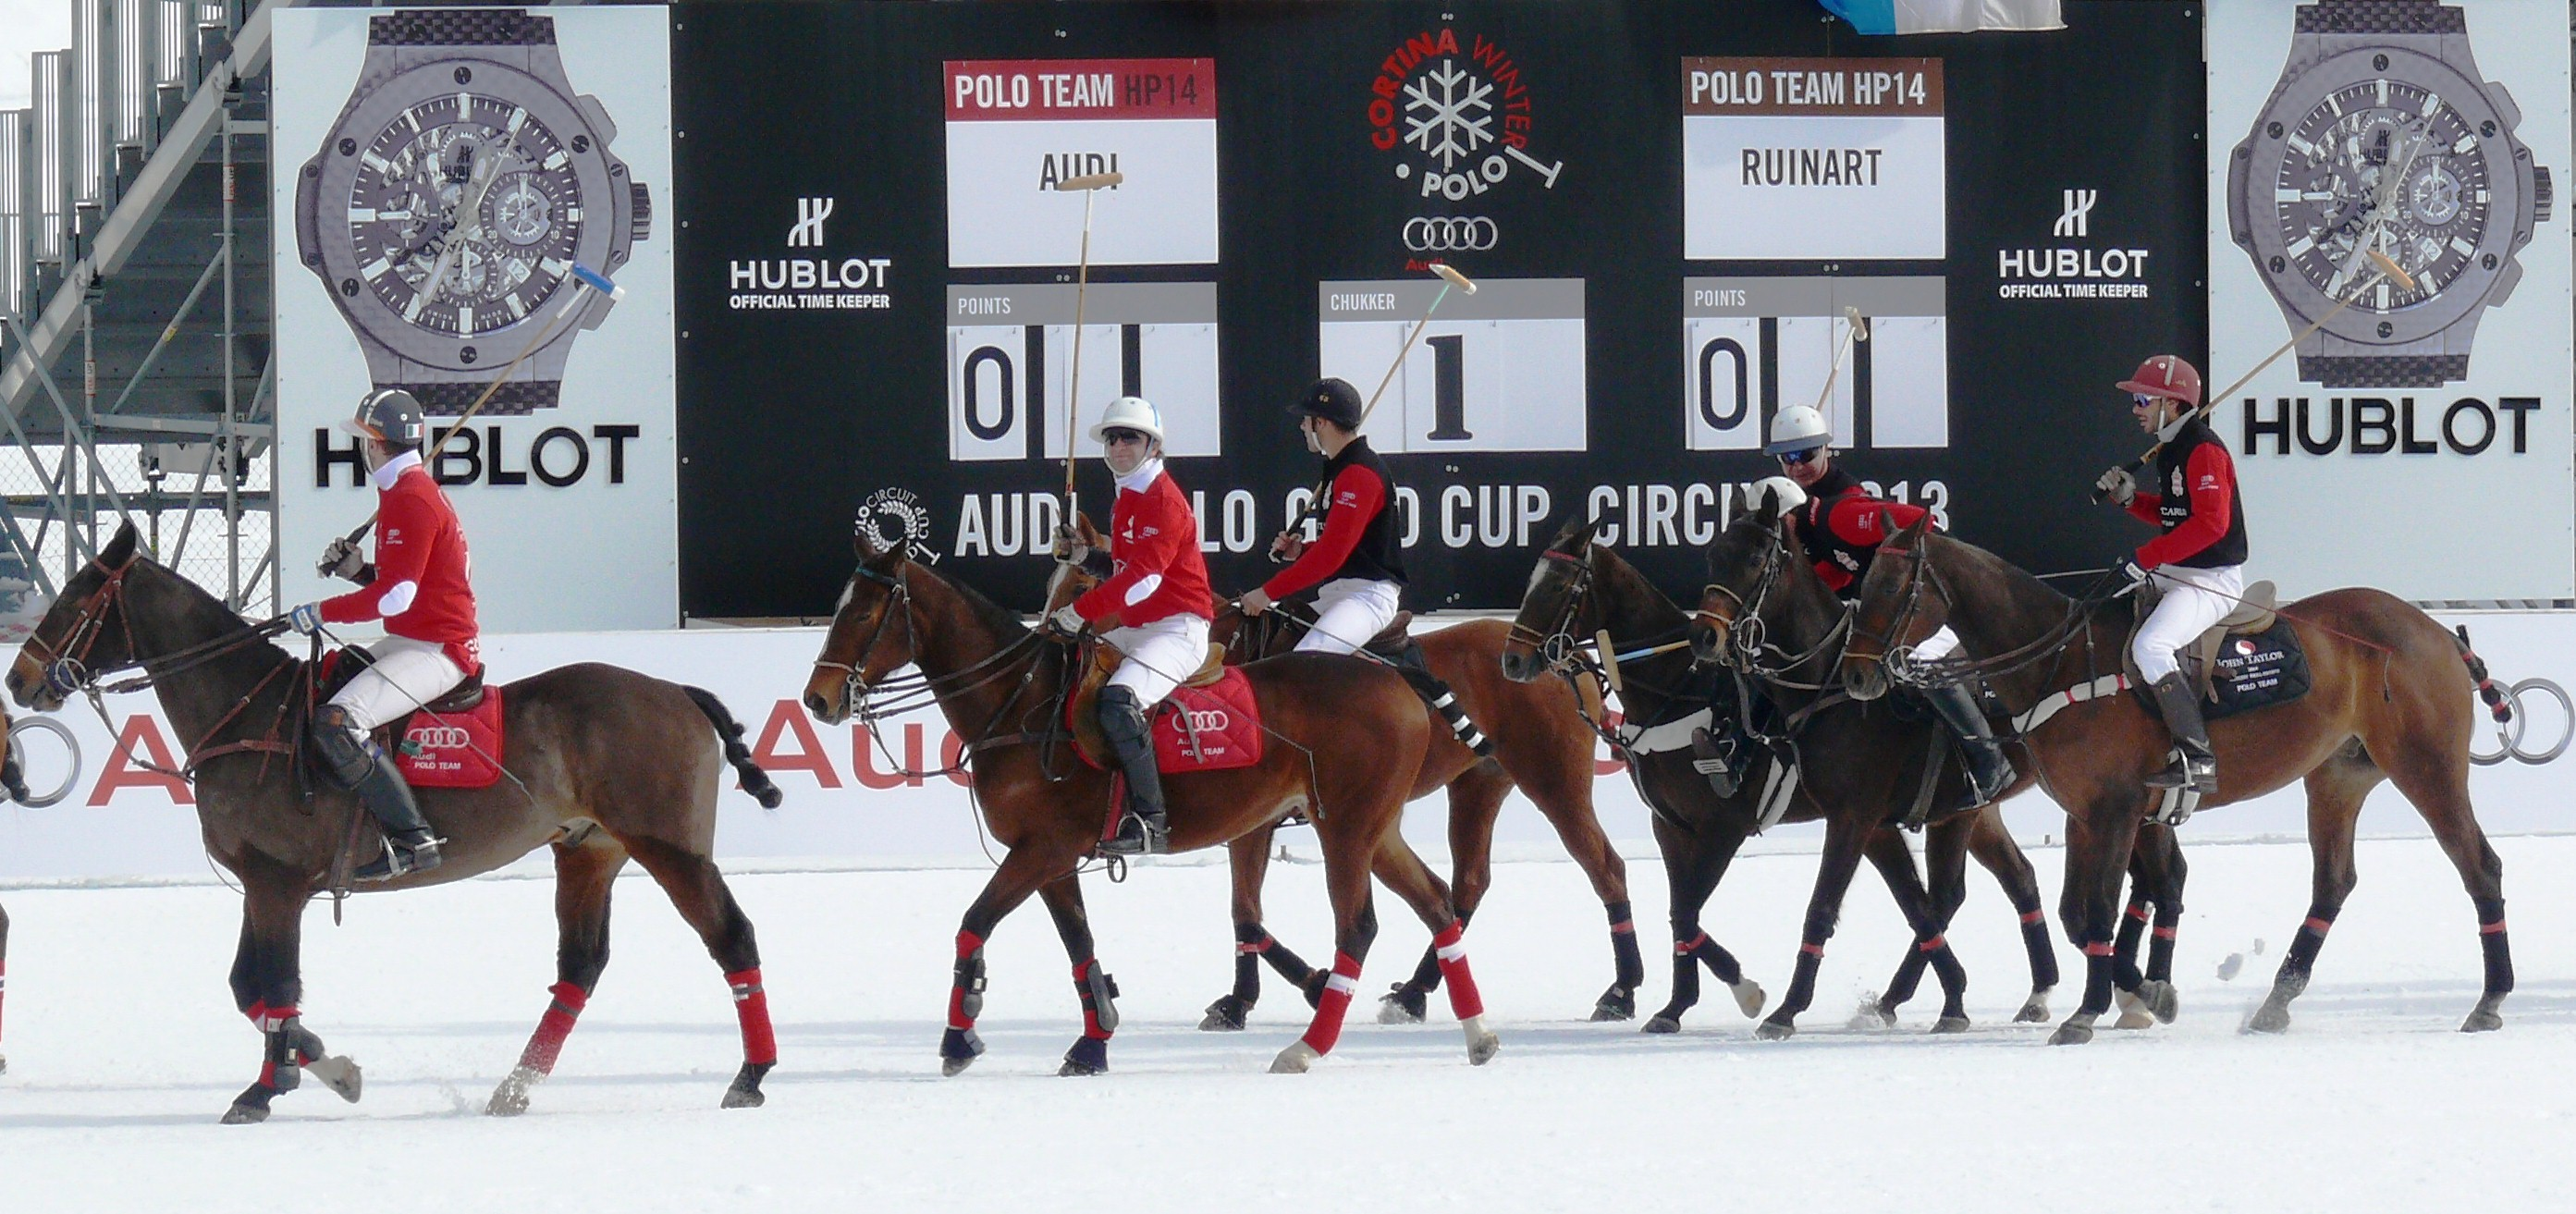 Il Cortina Winter Polo – Audi Gold Cup debutta a Fiames